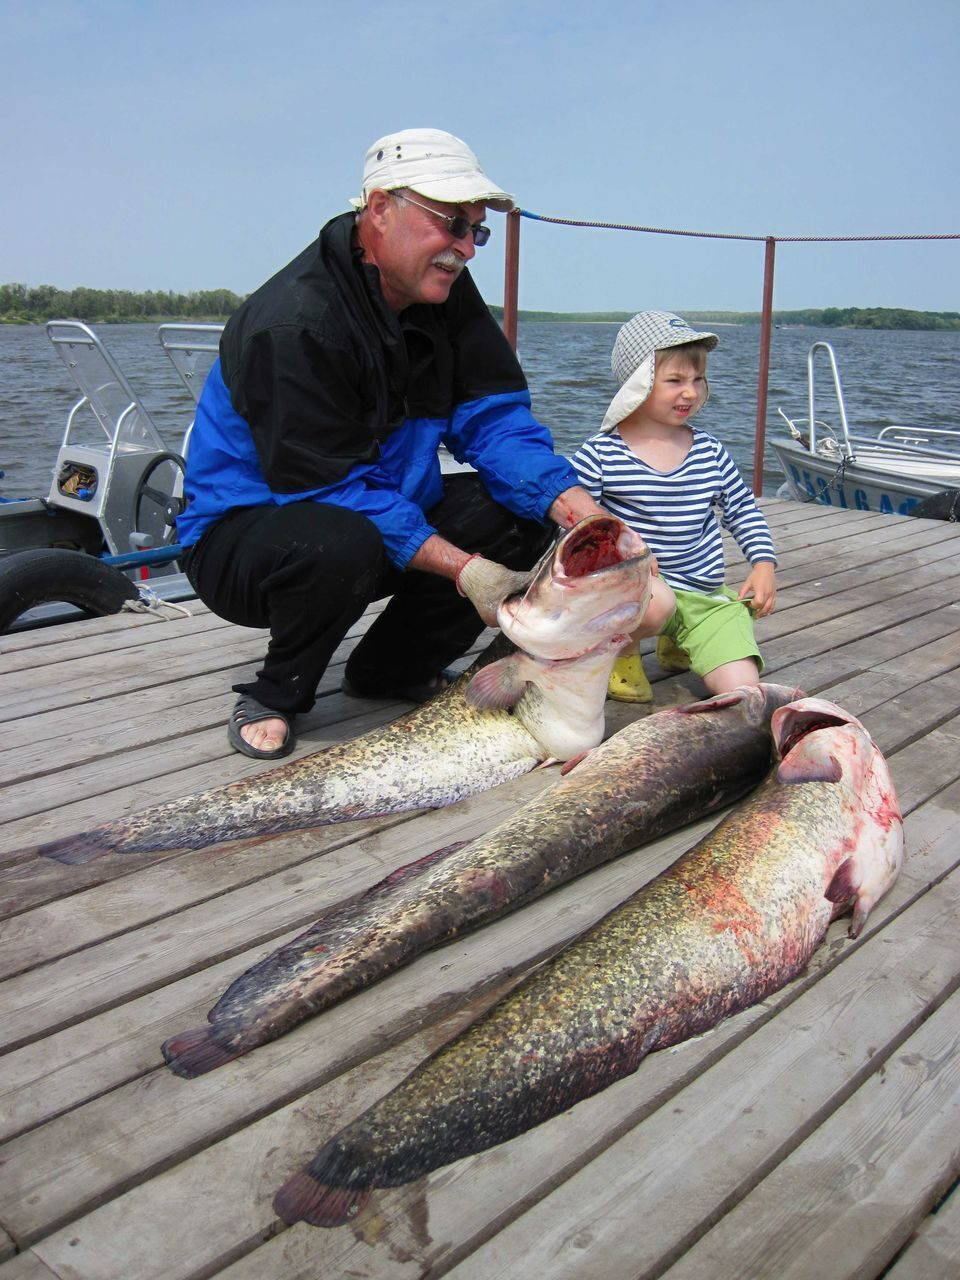 частная рыбалка на нижней волге видео